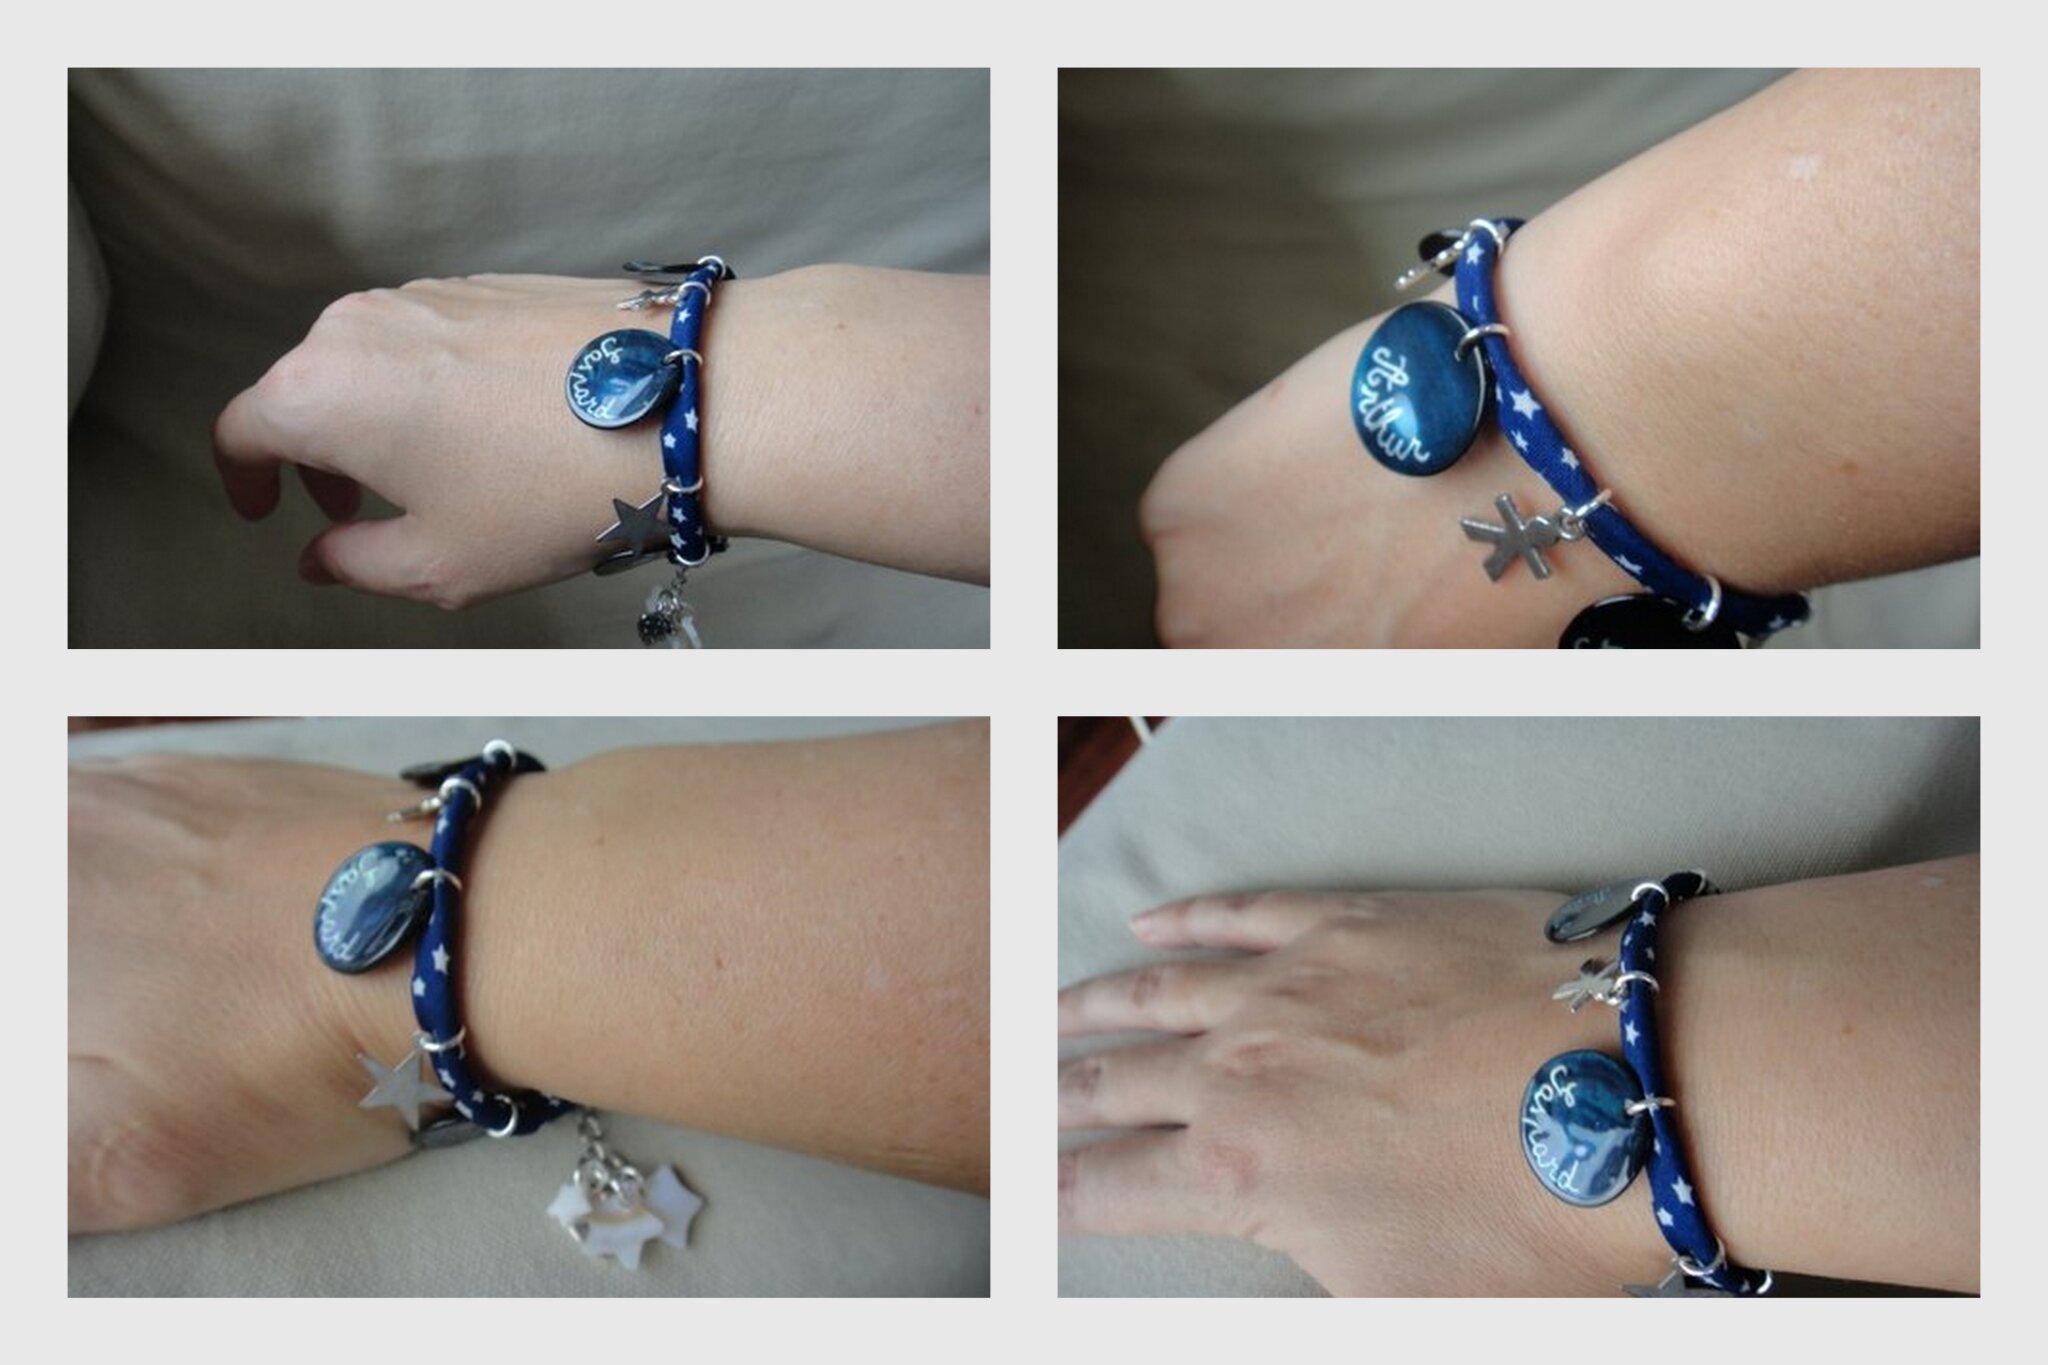 Le bracelet personnalisé de Delphine